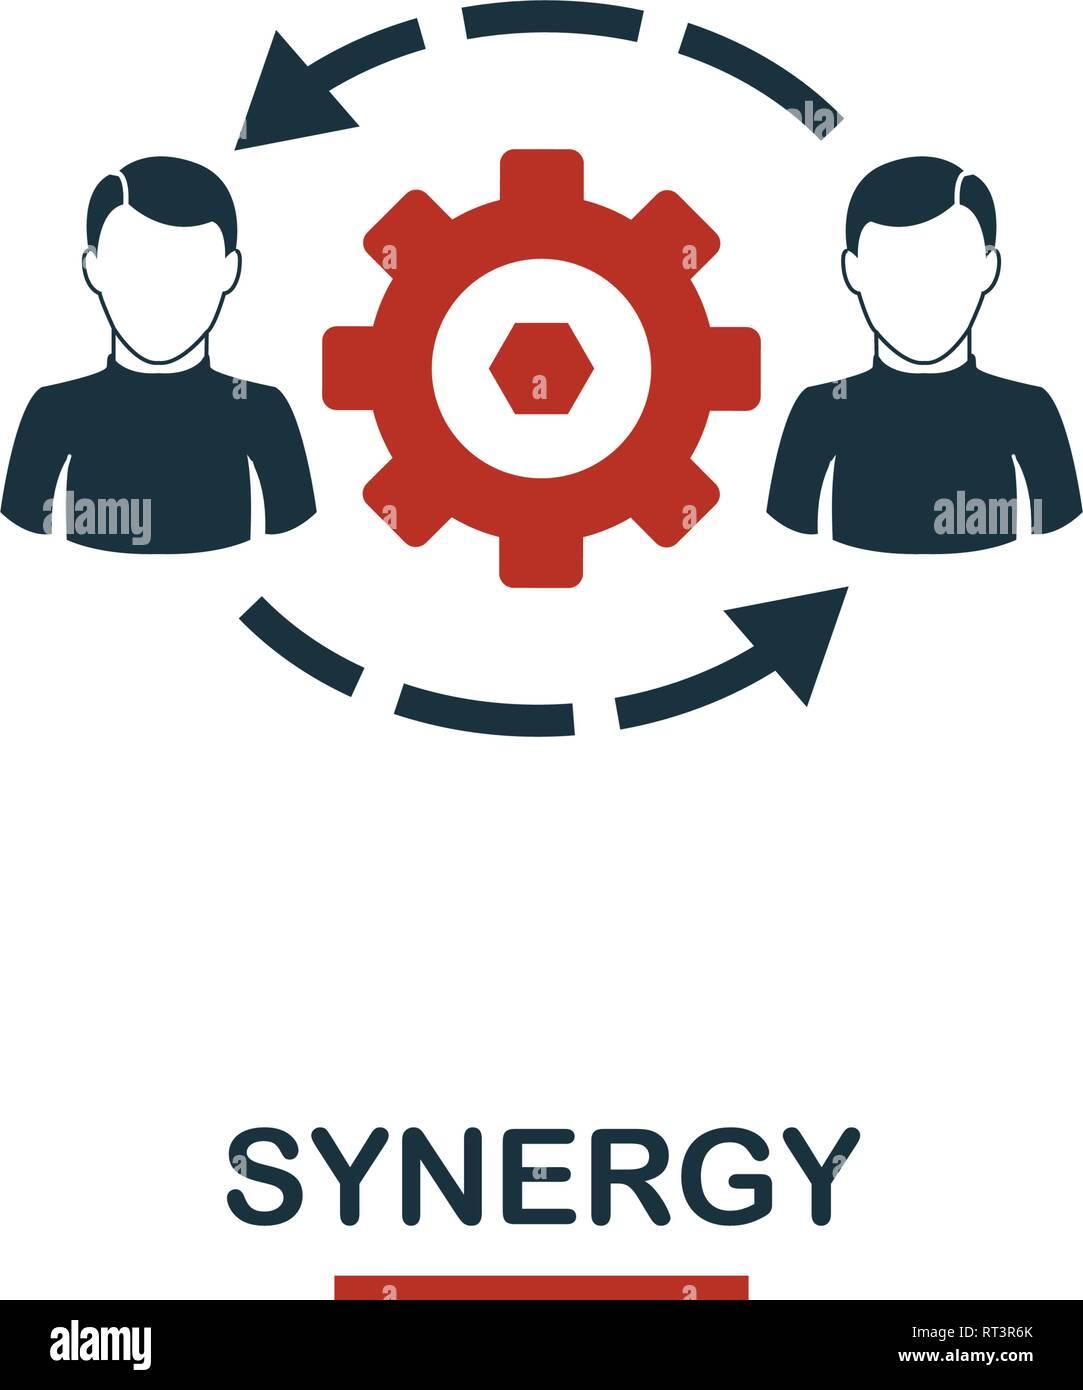 L'icône de synergie. La conception de style à partir de la prime d'équipe icon collection. L'assurance-chômage et de ux. Une parfaite synergie pour l'icône Pixel web design, applications, logiciels, l'utilisation d'impression. Photo Stock